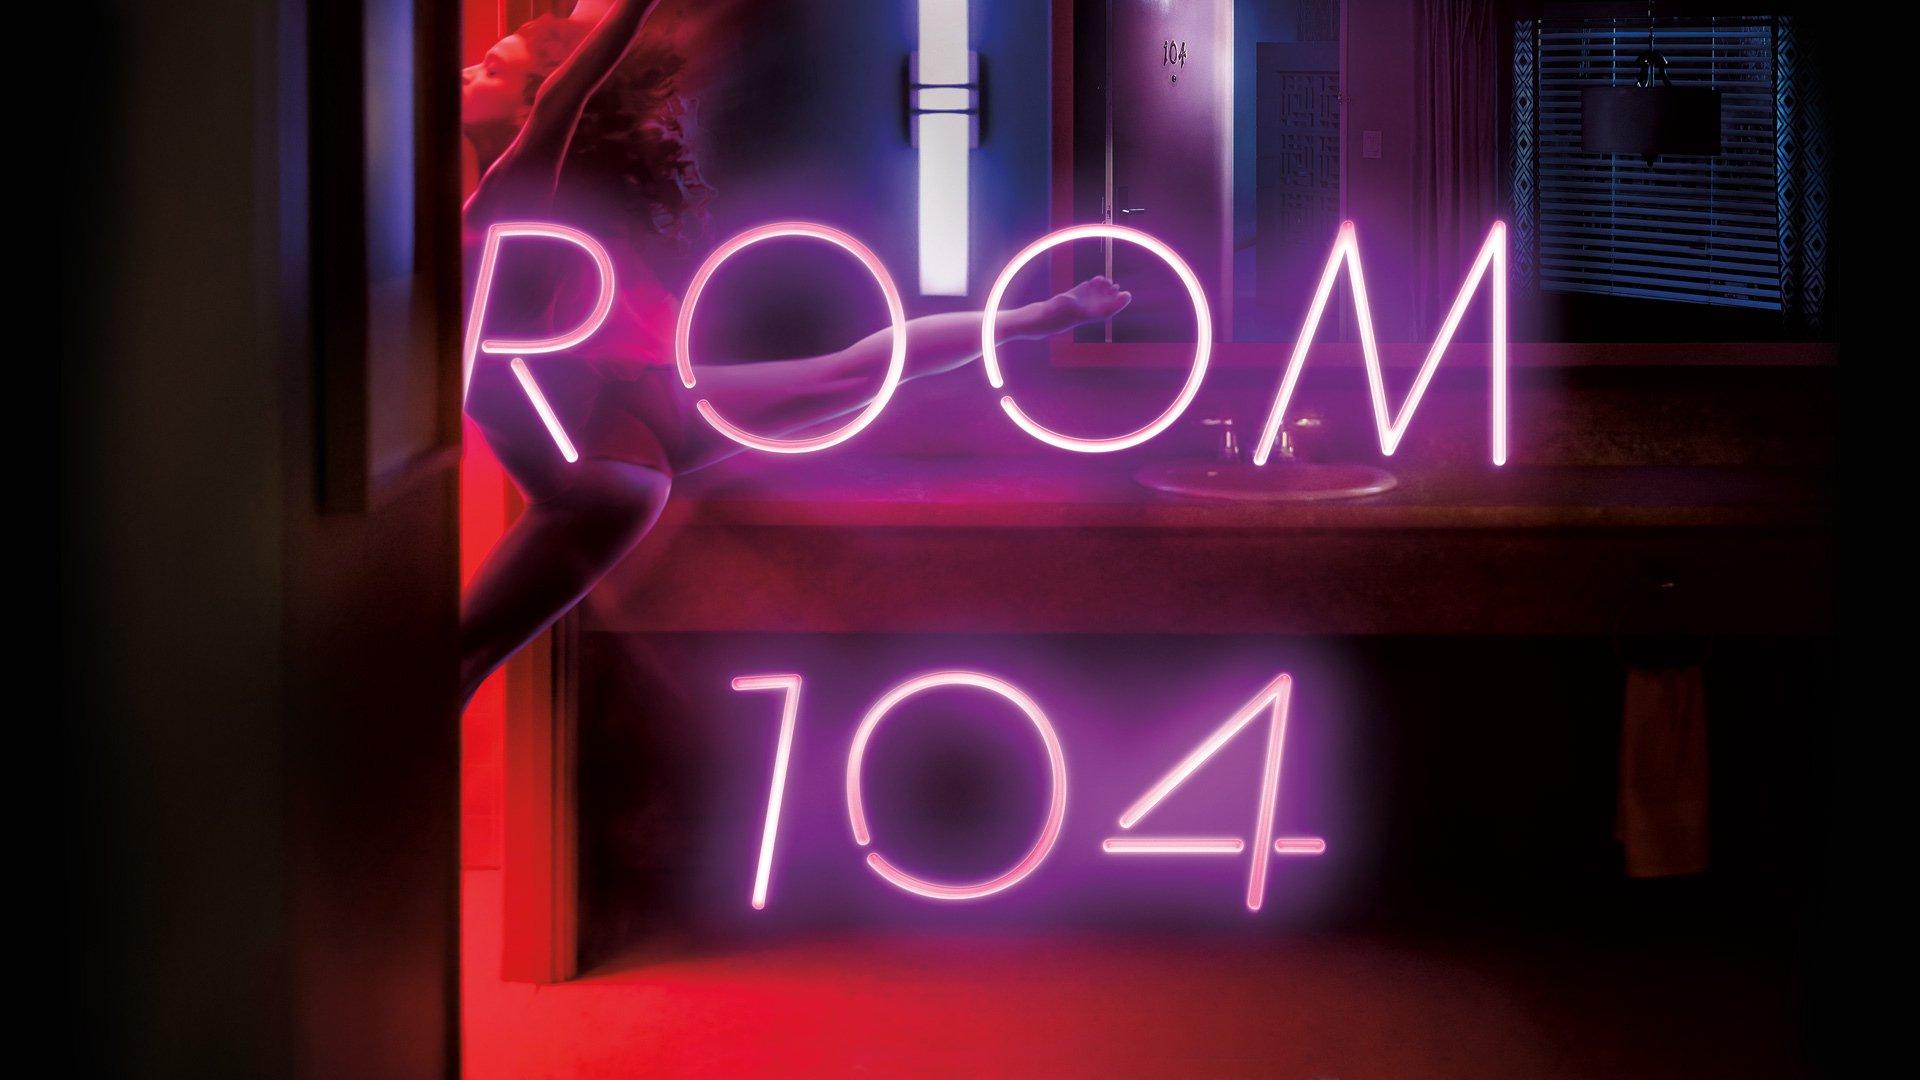 Room 104 HBO critica